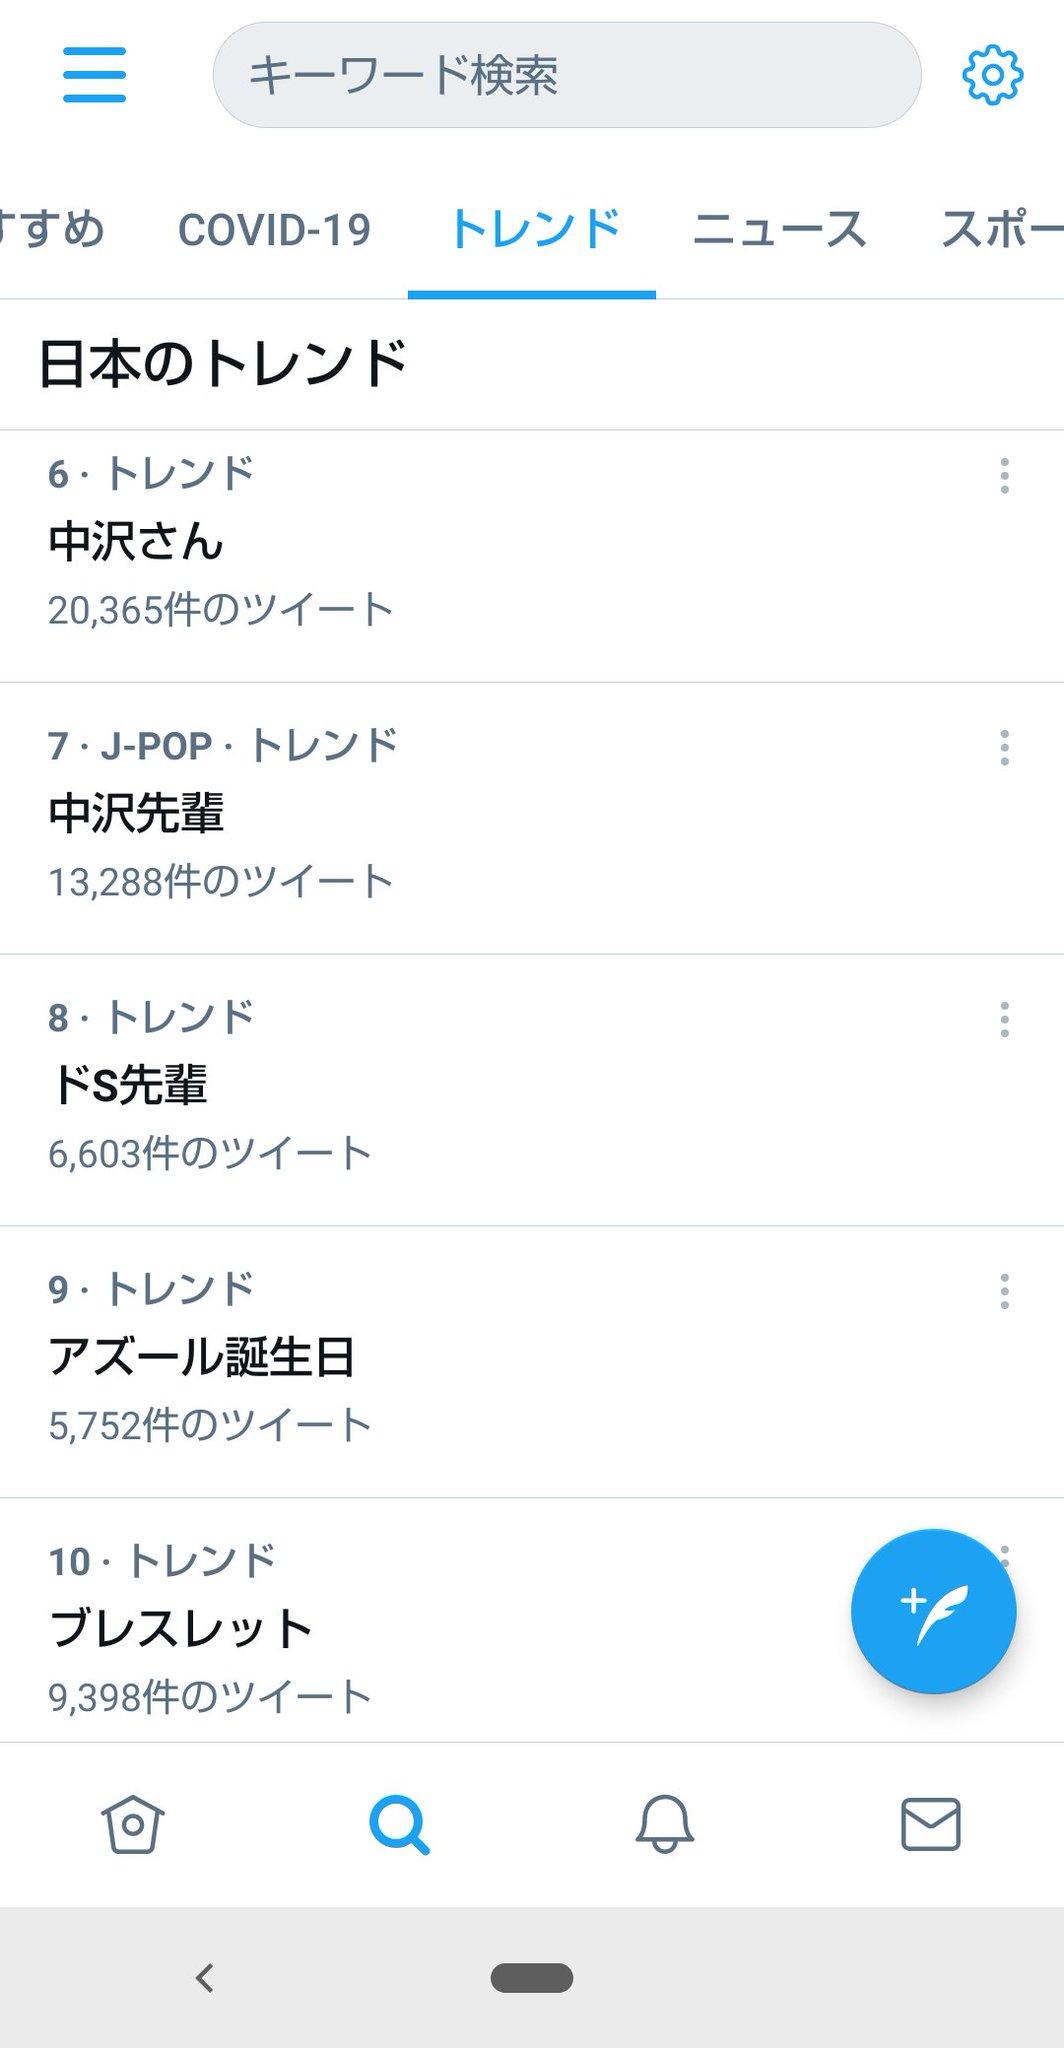 中沢さん Photo,中沢さん Twitter Trend : Most Popular Tweets